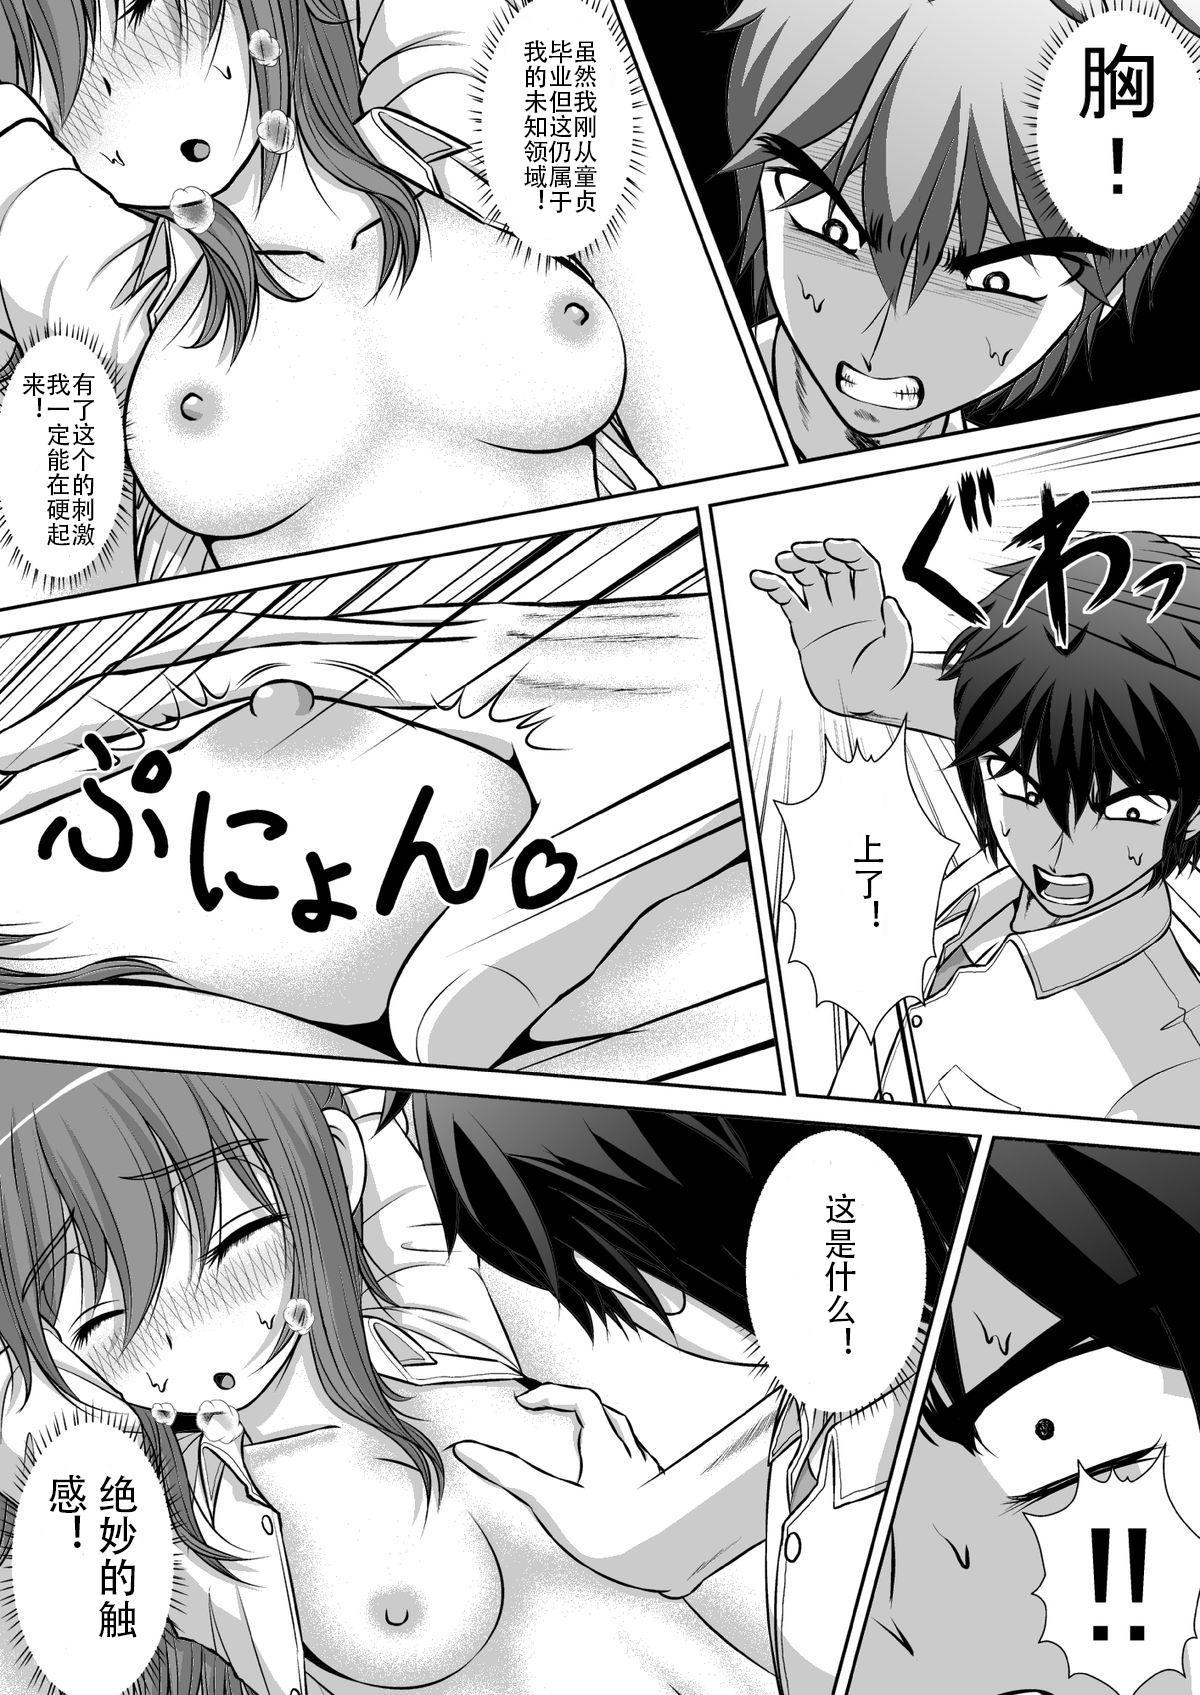 Chitsu Hakai-kei Joshi 2 34